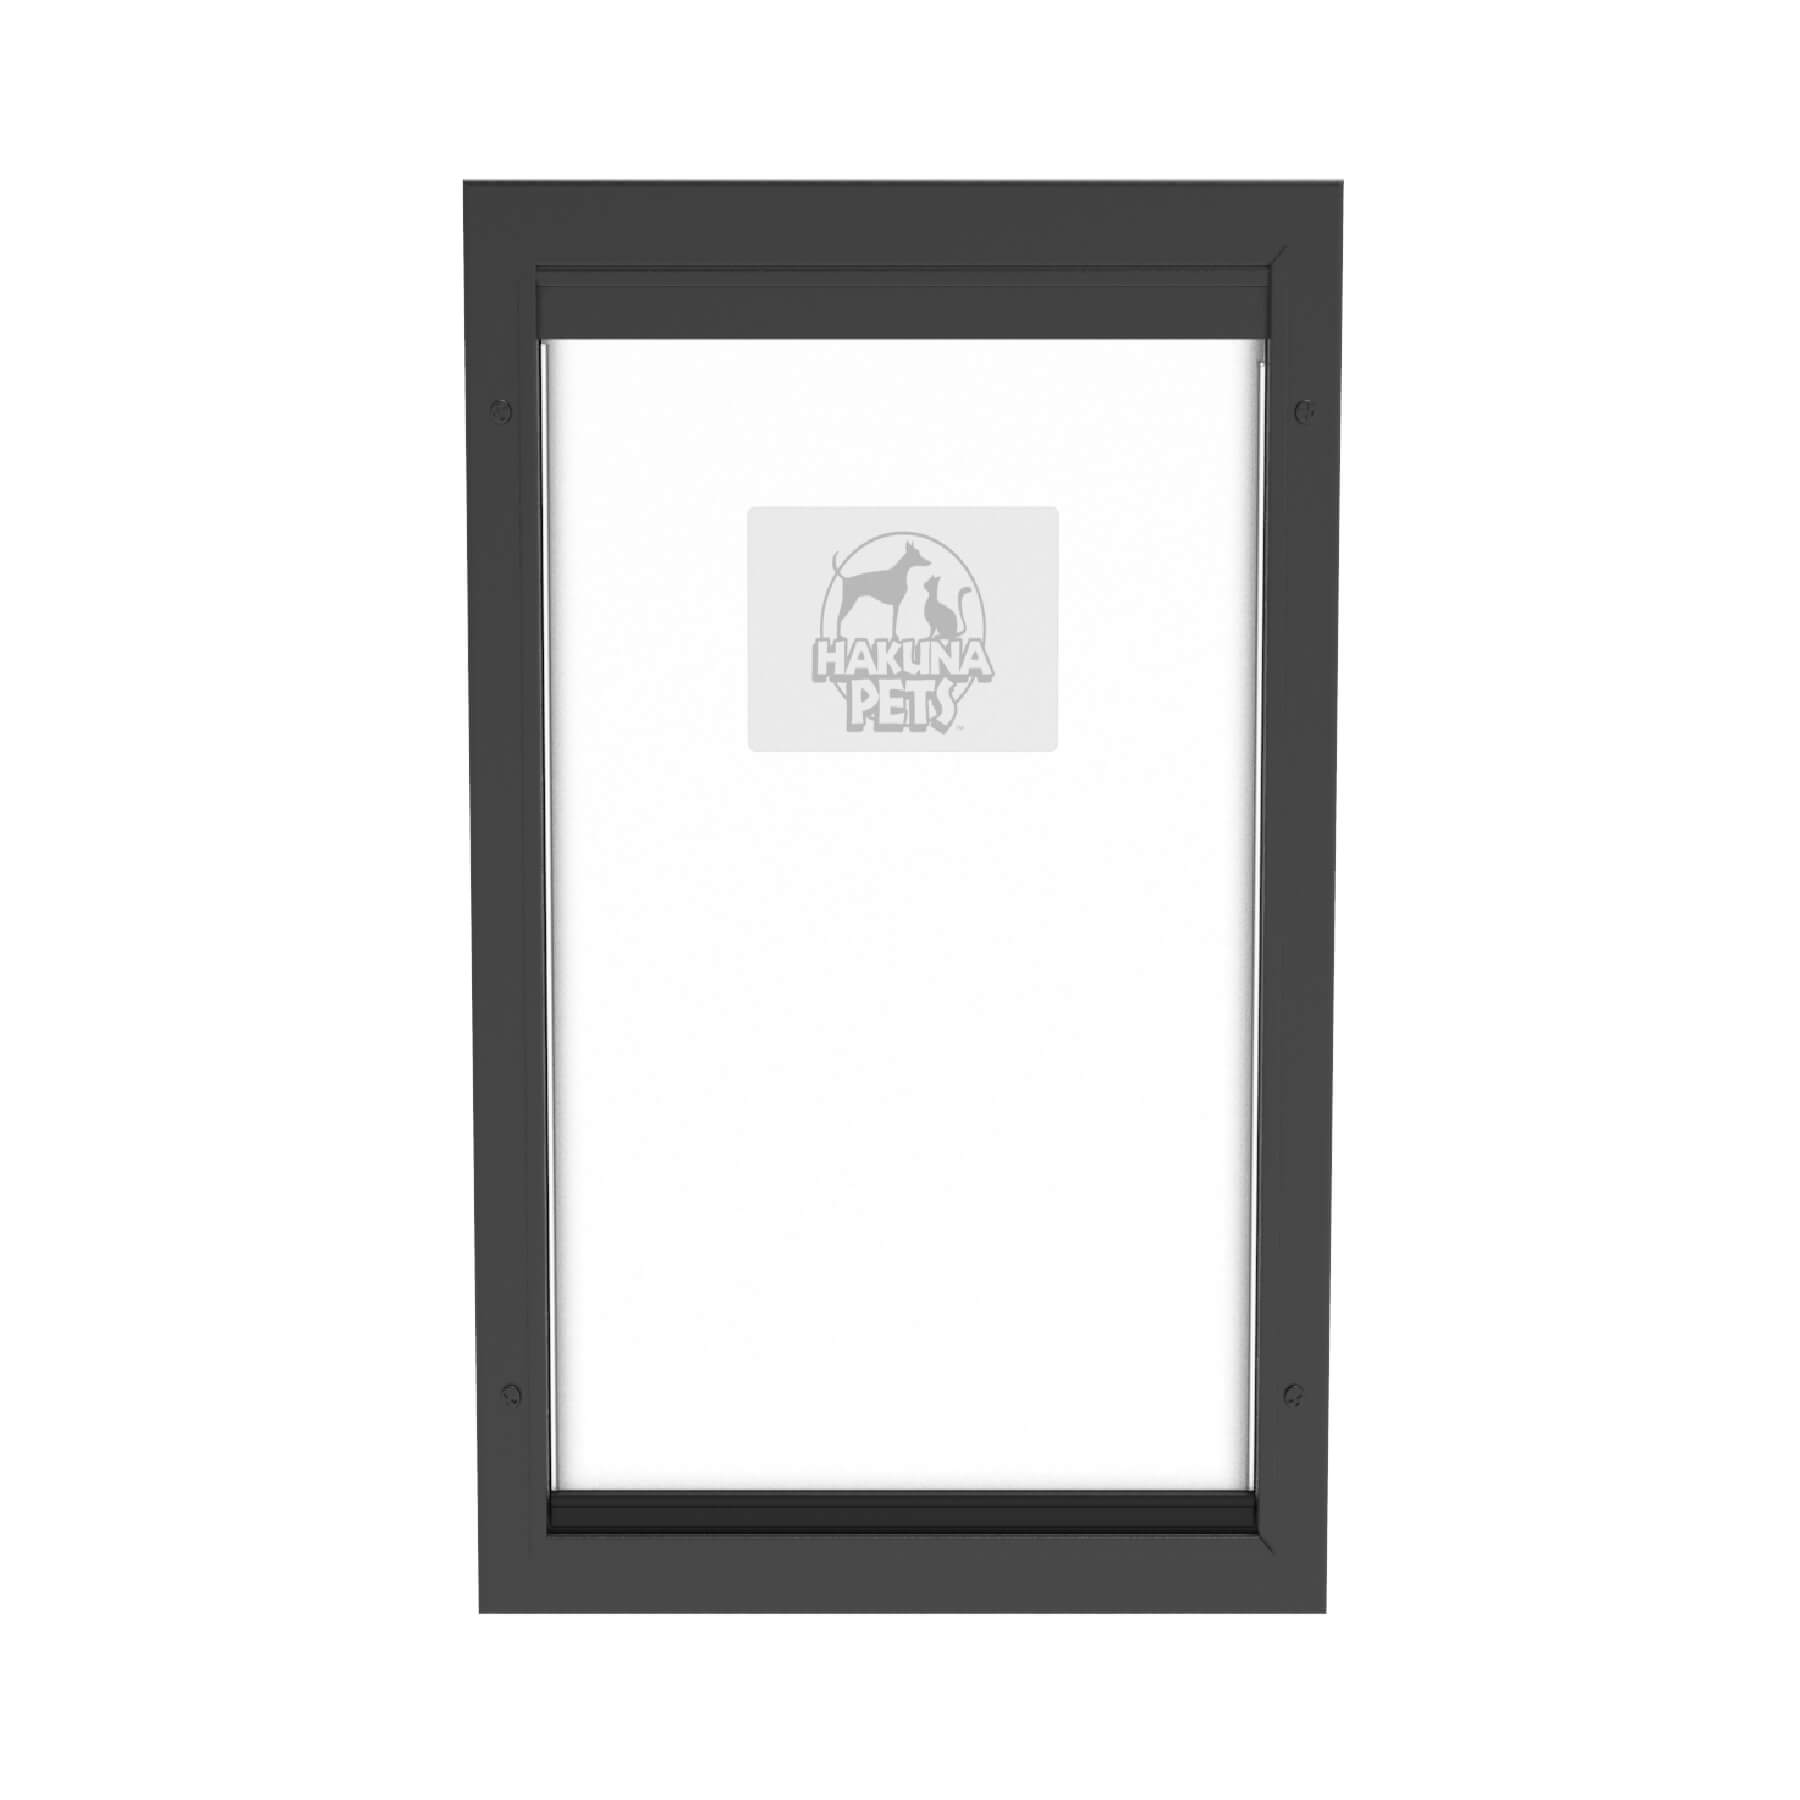 Hakuna Extra Large Black Dog Door